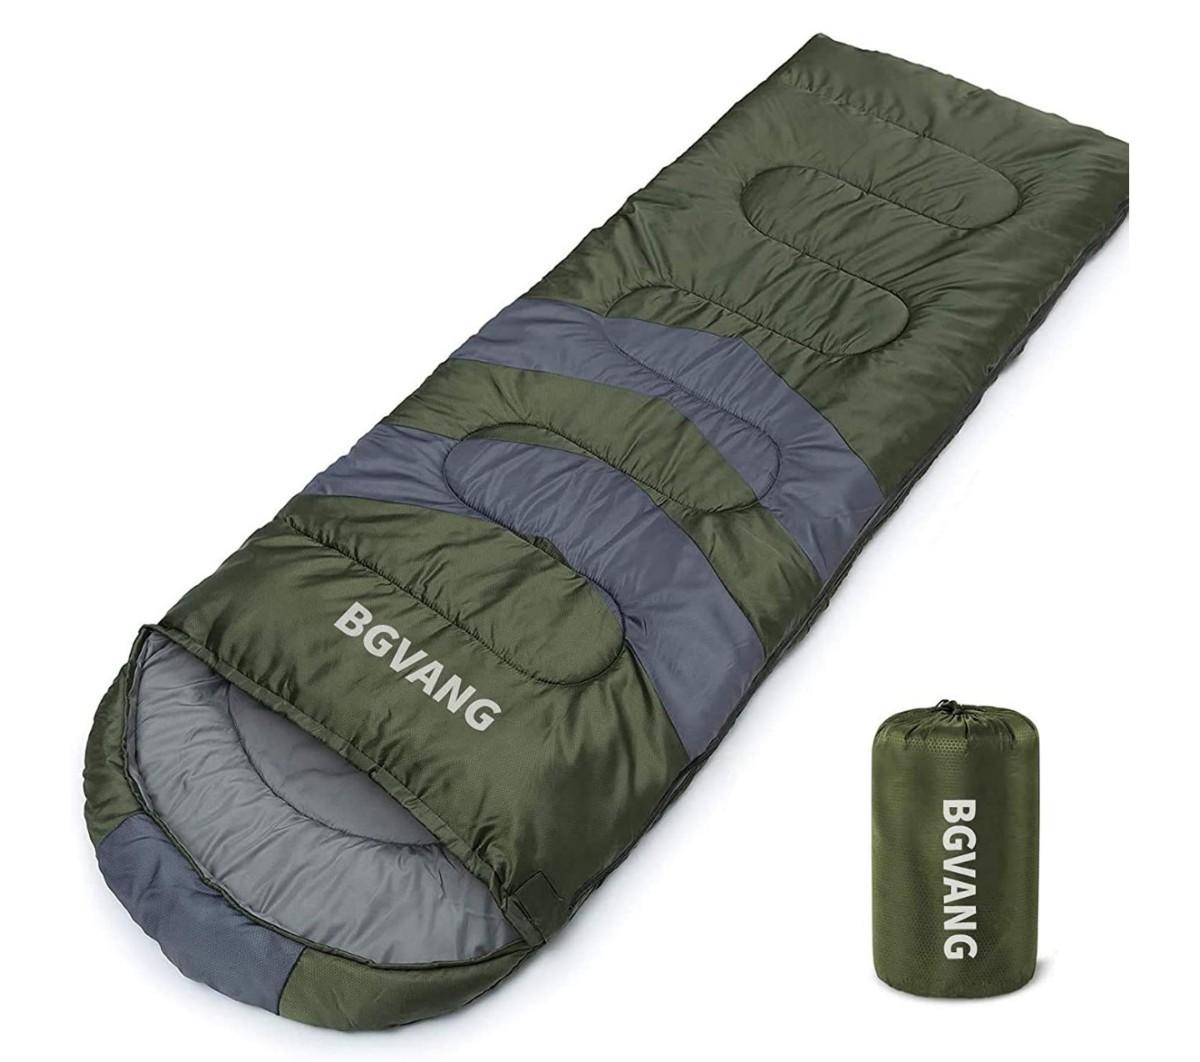 寝袋 封筒型 軽量 保温 防水 コンパクト 登山 防災用 簡単収納 丸洗い可能